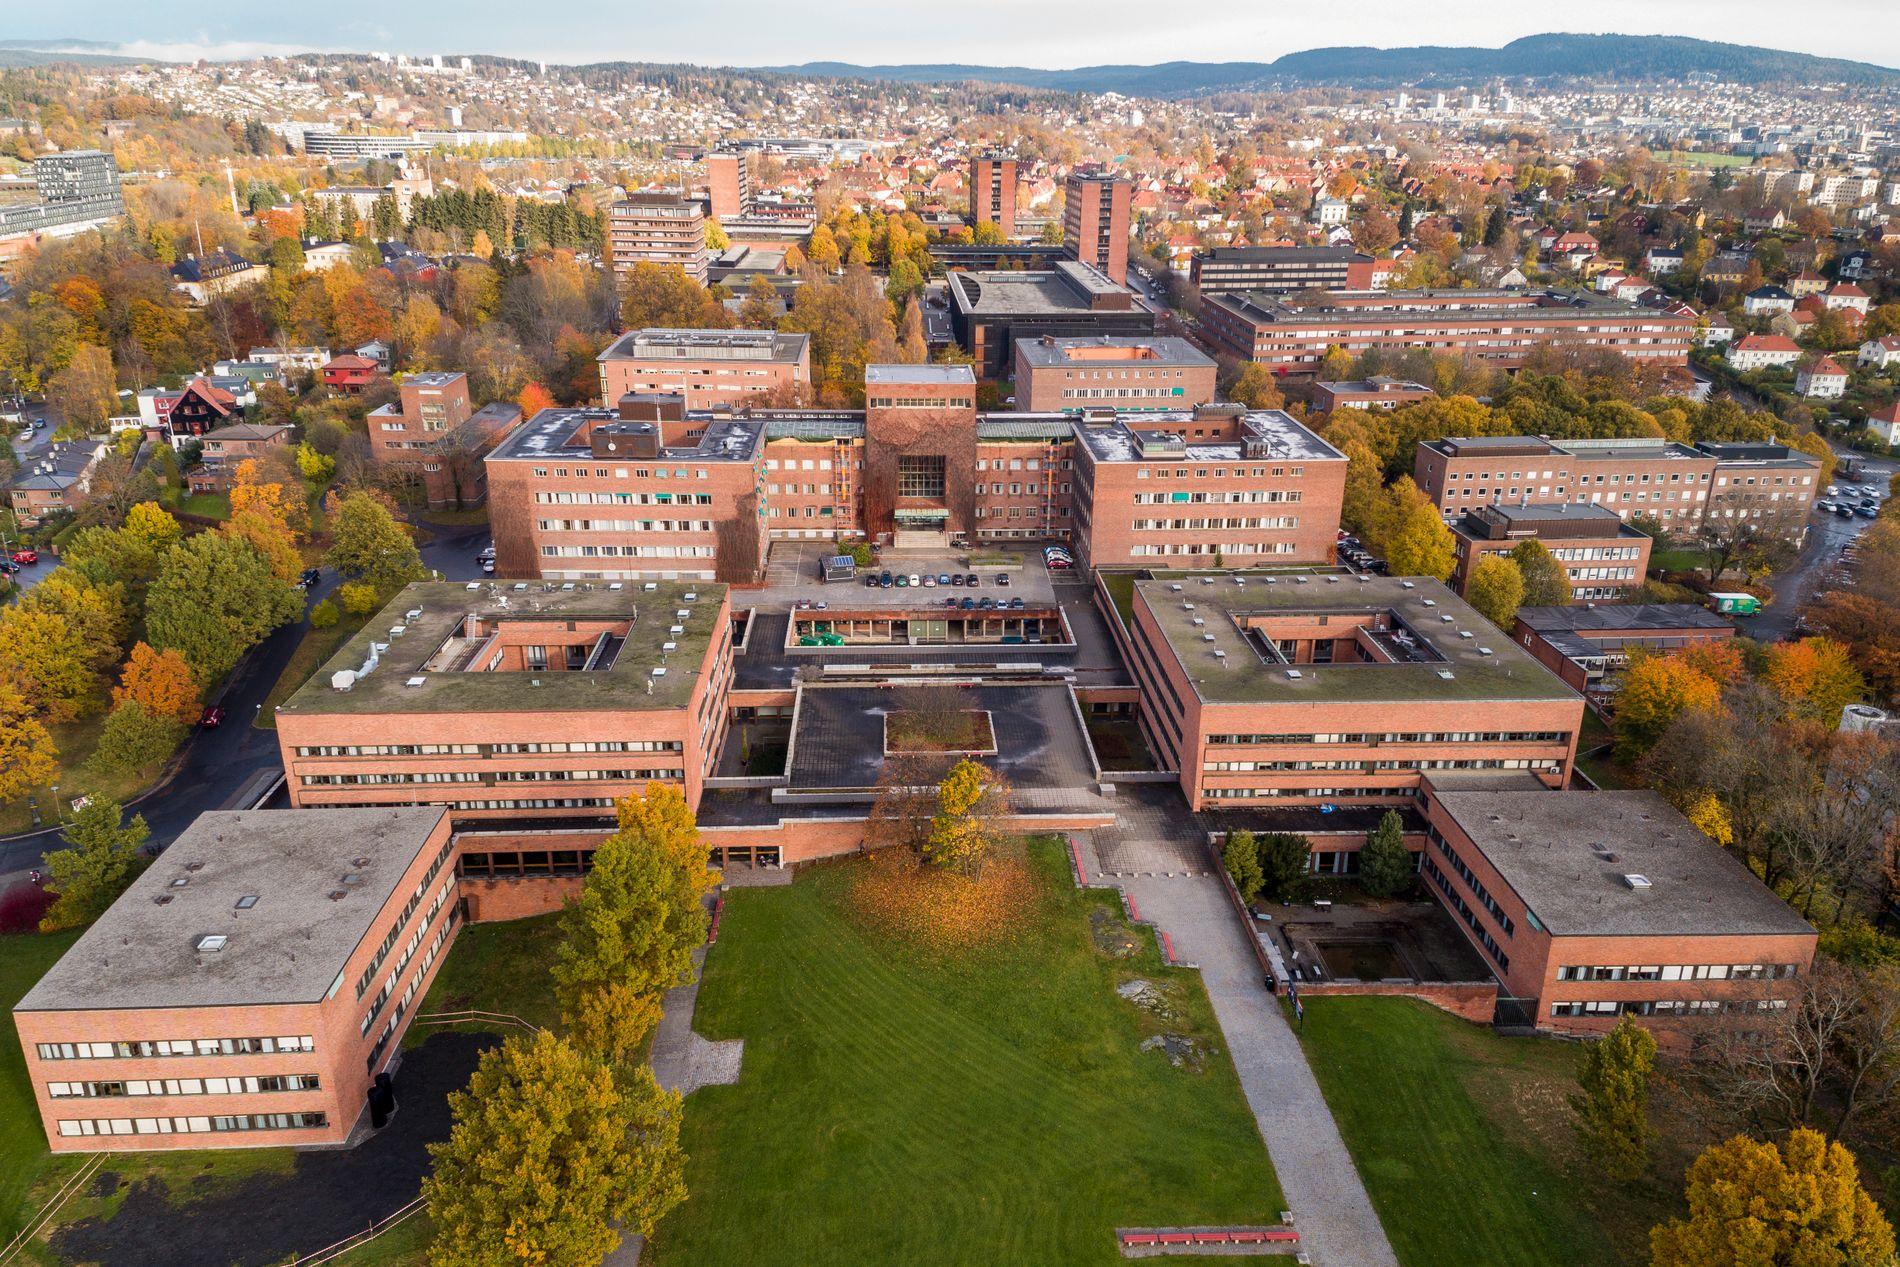 UNØDVENDIG? – Tar for mange unge mennesker høy utdanning, spør kronikkforfatteren. Foto fra Universitetet i Oslo på Blindern.